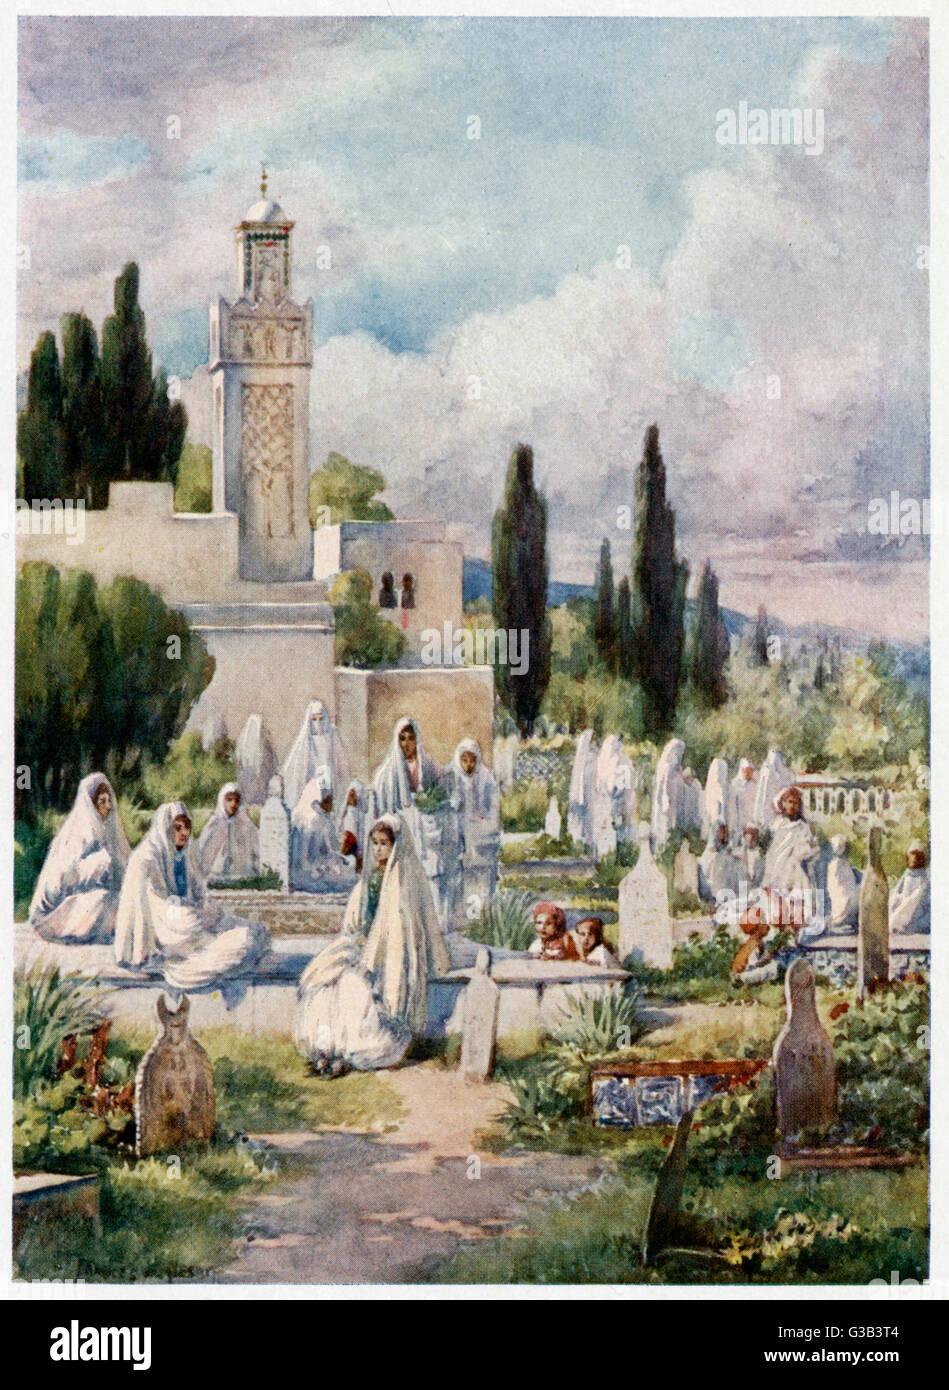 Il venerdì è il giorno santo dell'Islam, e in questo giorno pii cittadini di Algeri venite al cimitero Immagini Stock